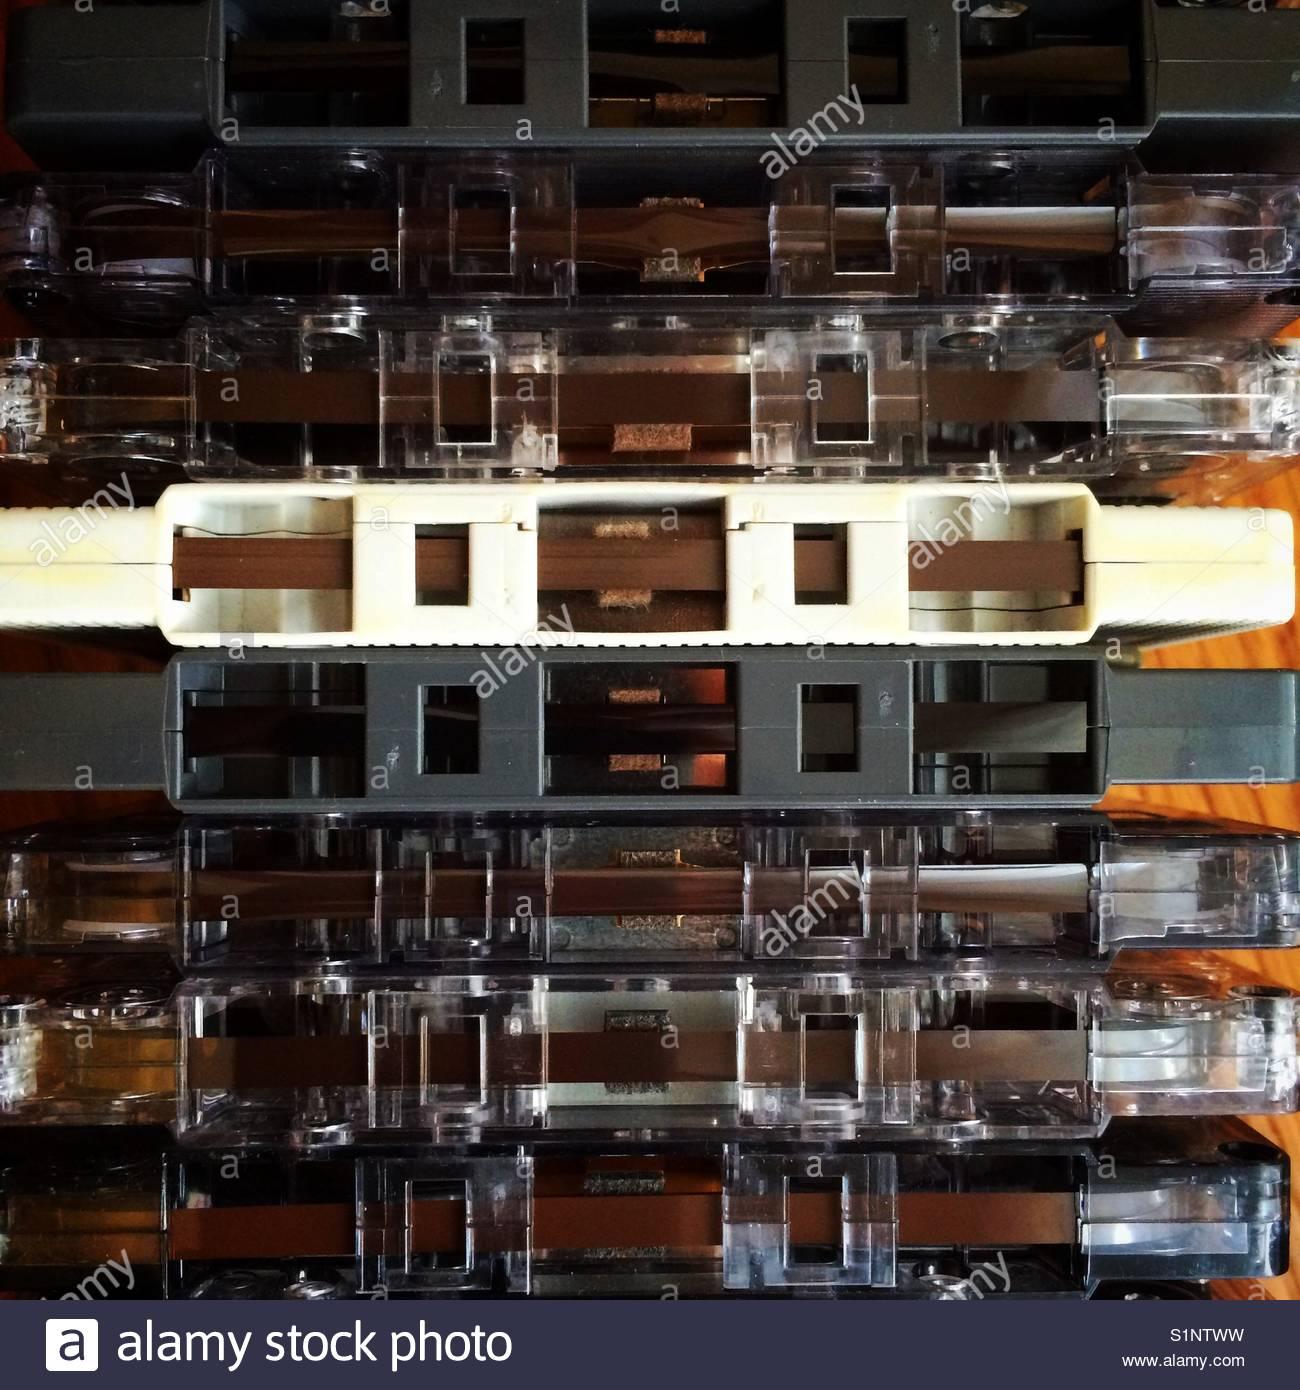 Cassette tape - Stock Image